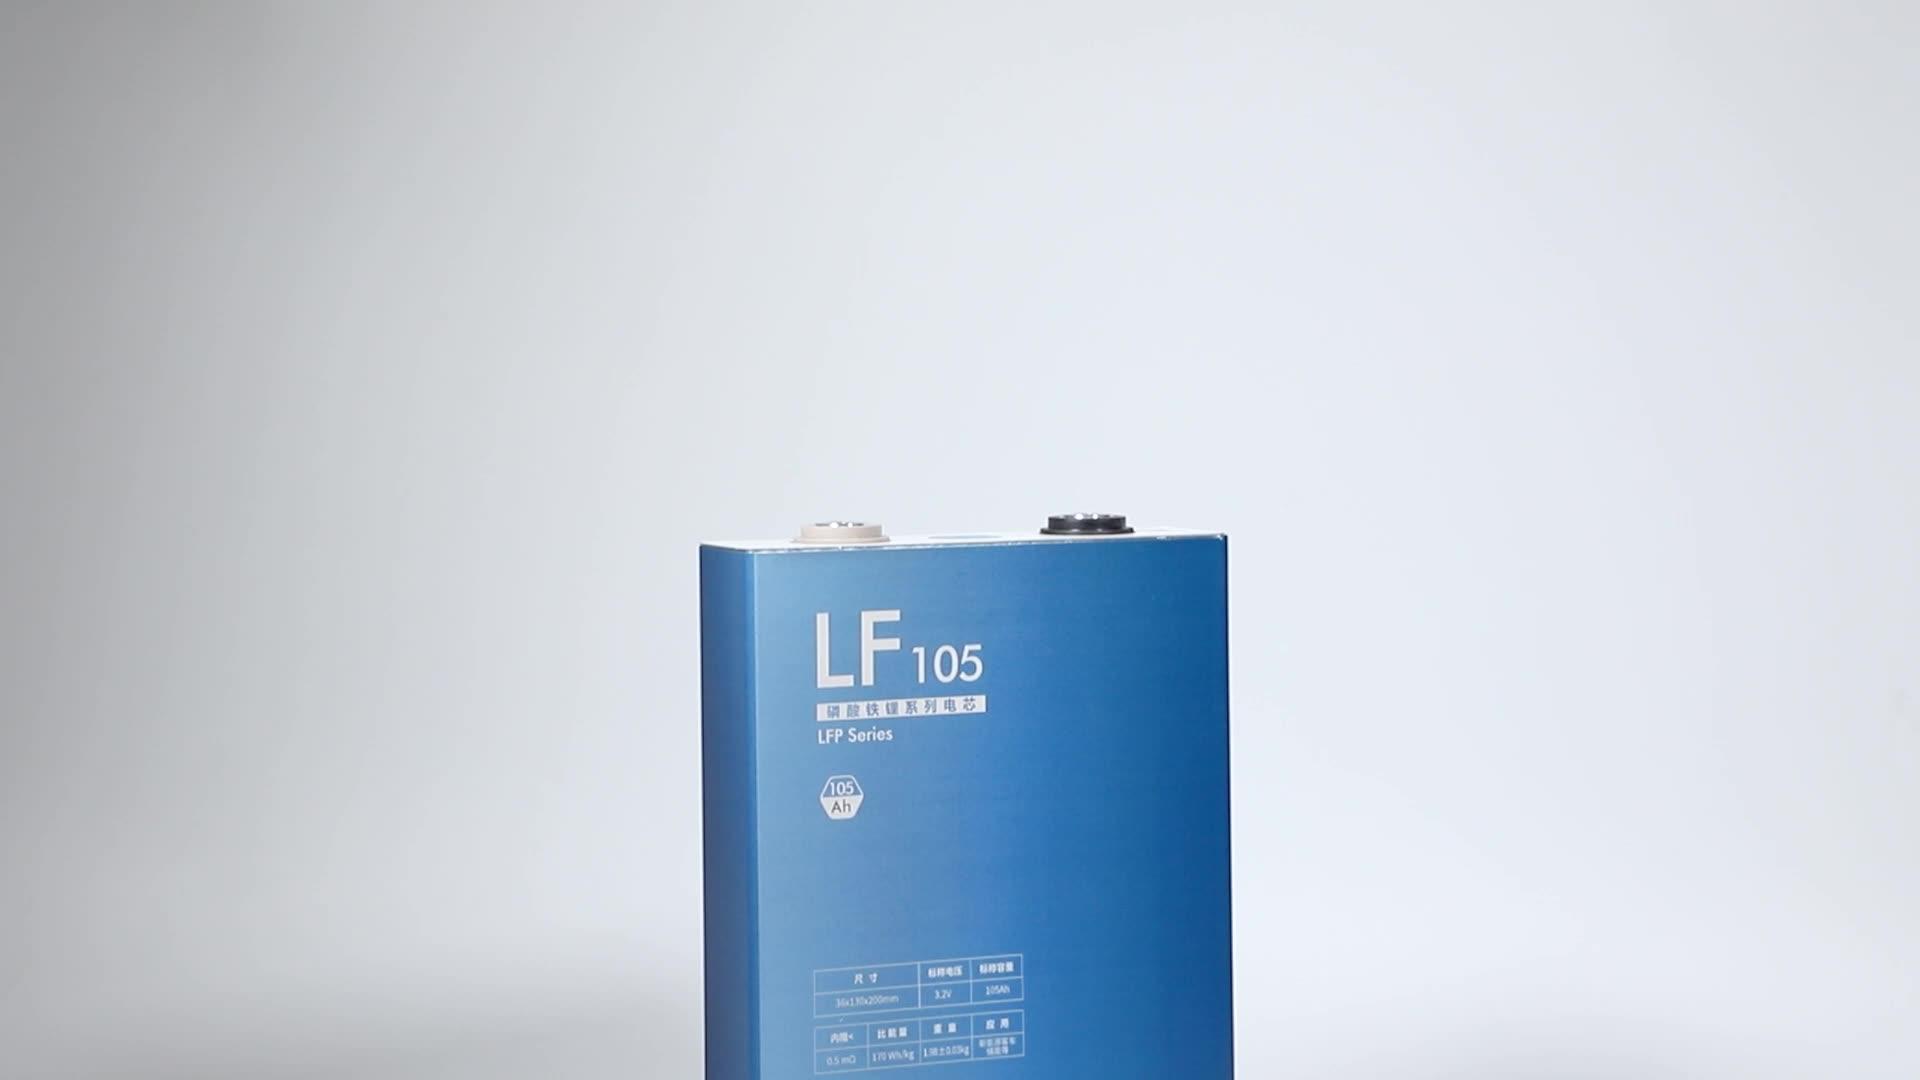 EVE LF105 LFP carrelli da golf UPS Power Tools 3.2V cellula di 105Ah Batterie UN grado Li-Ion Ricaricabile al litio 48V100Ah Lifepo4 batteria